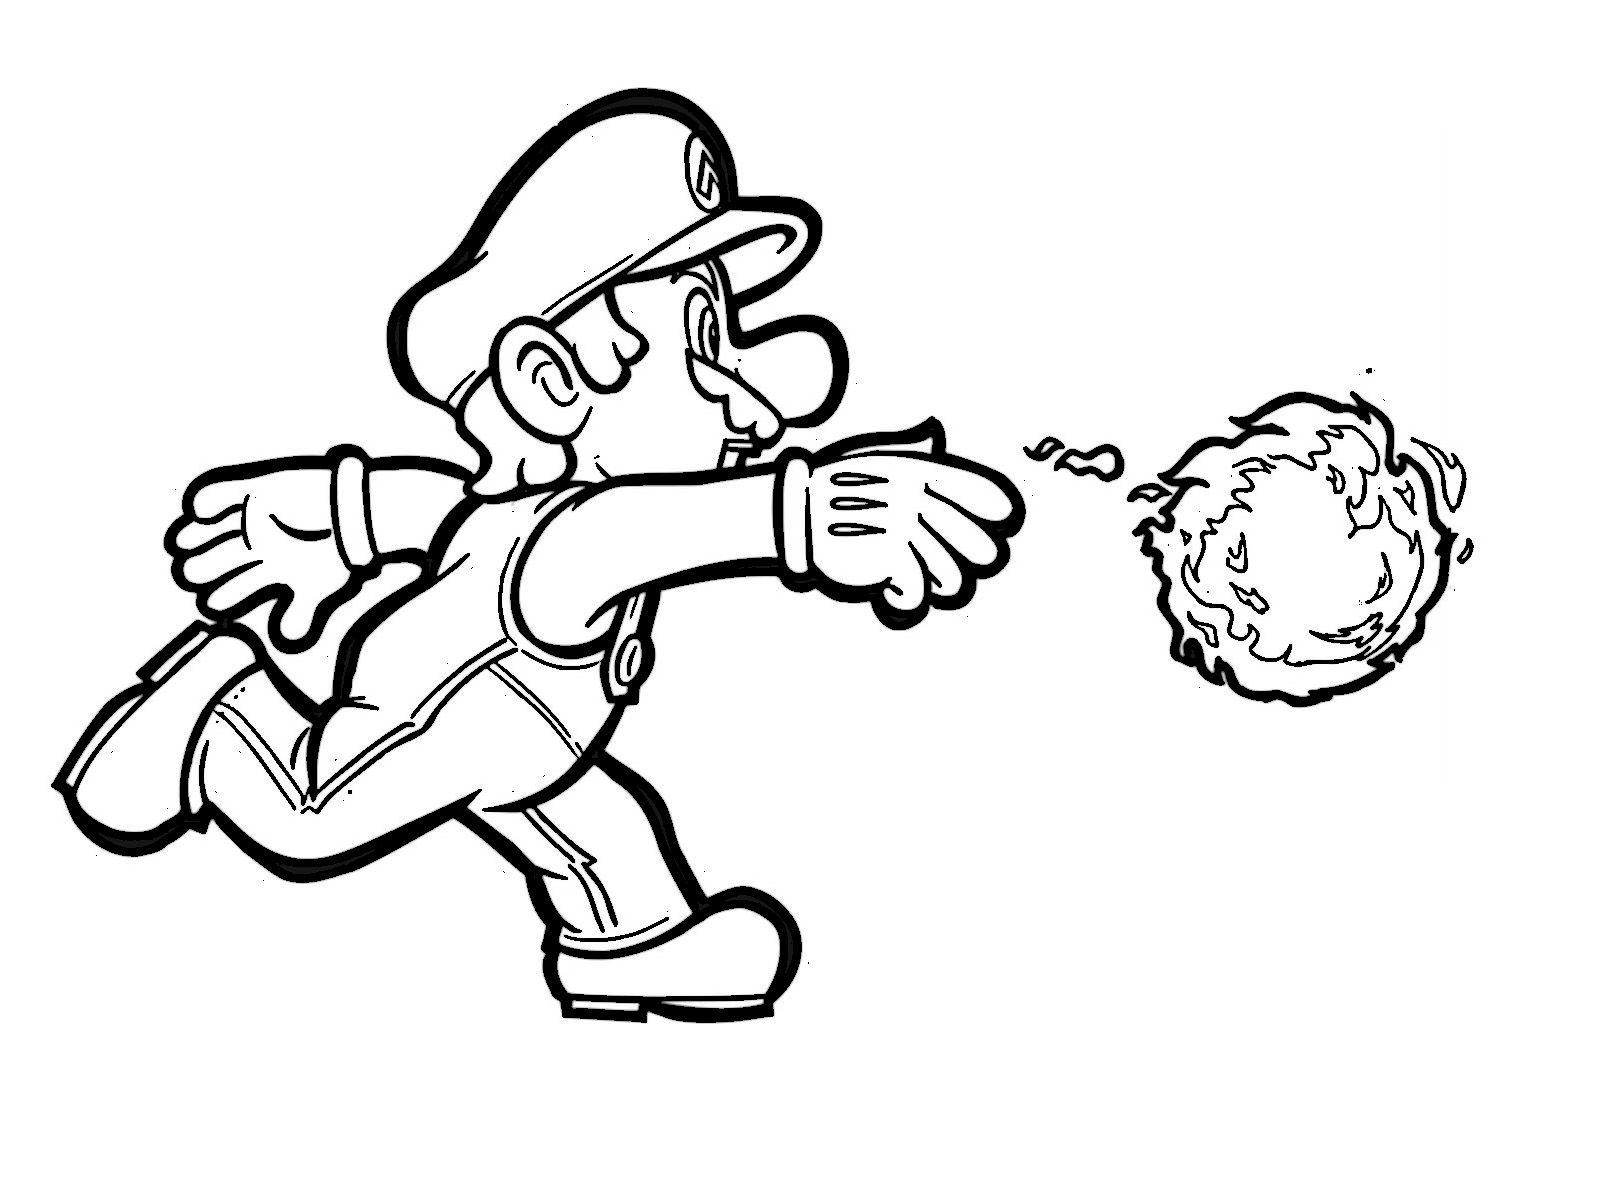 Mario Bross Ausmalbilder Malvorlagen Zeichnung druckbare nº 3